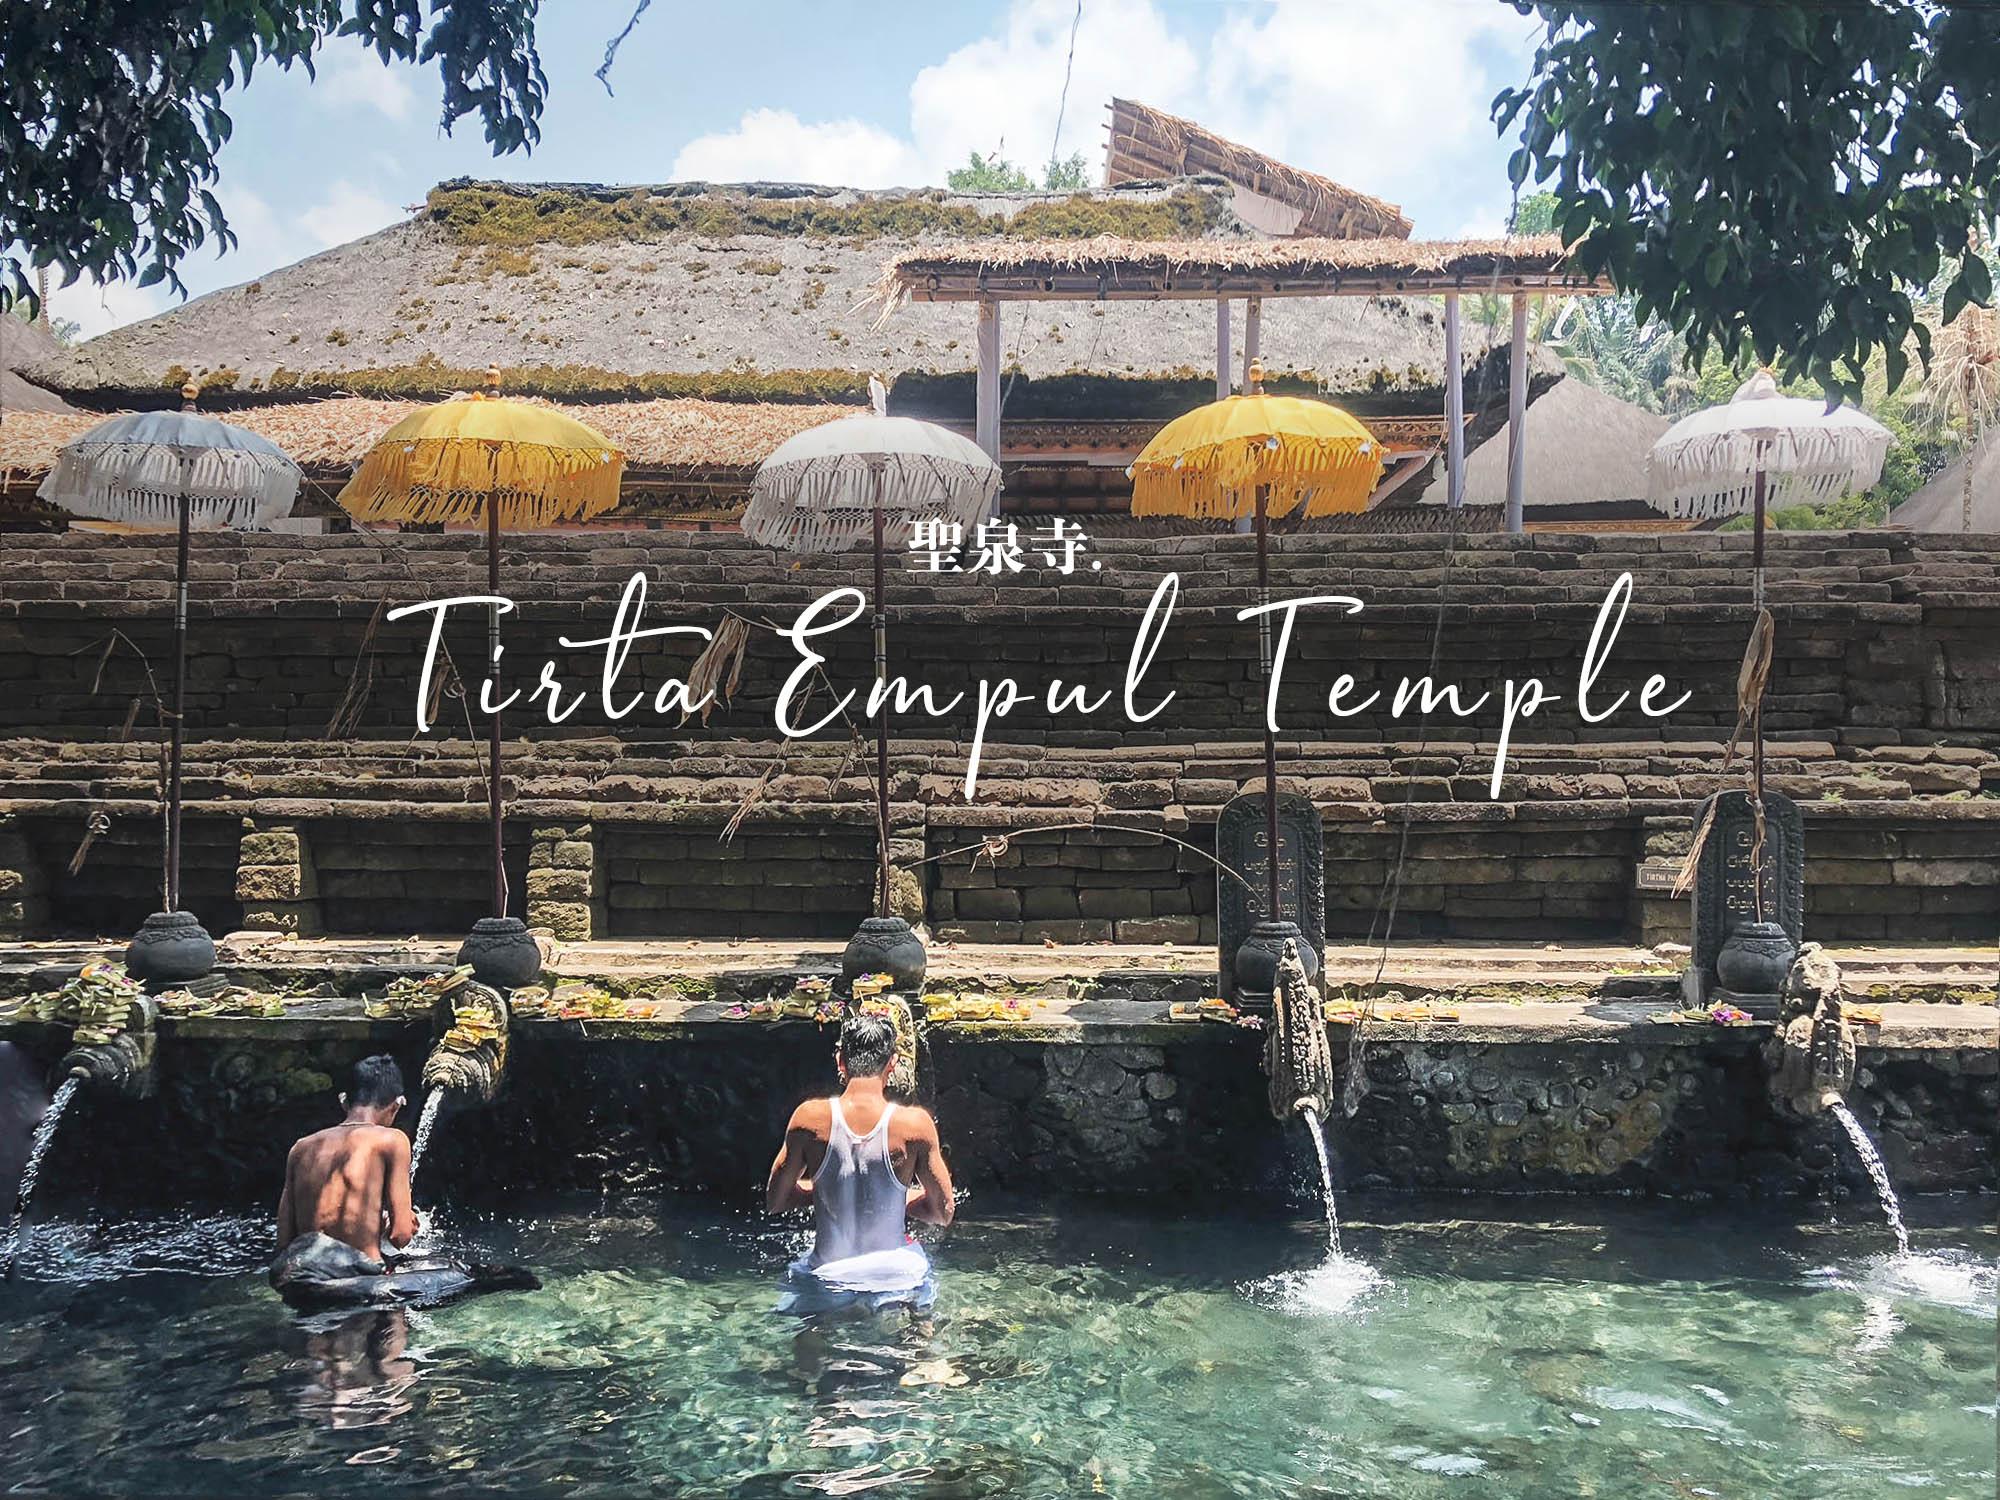 峇里島景點|聖泉寺Tirta Empul Temple身心洗禮,交通&景點規劃,當地人的信仰中心,一日3洗治百病!